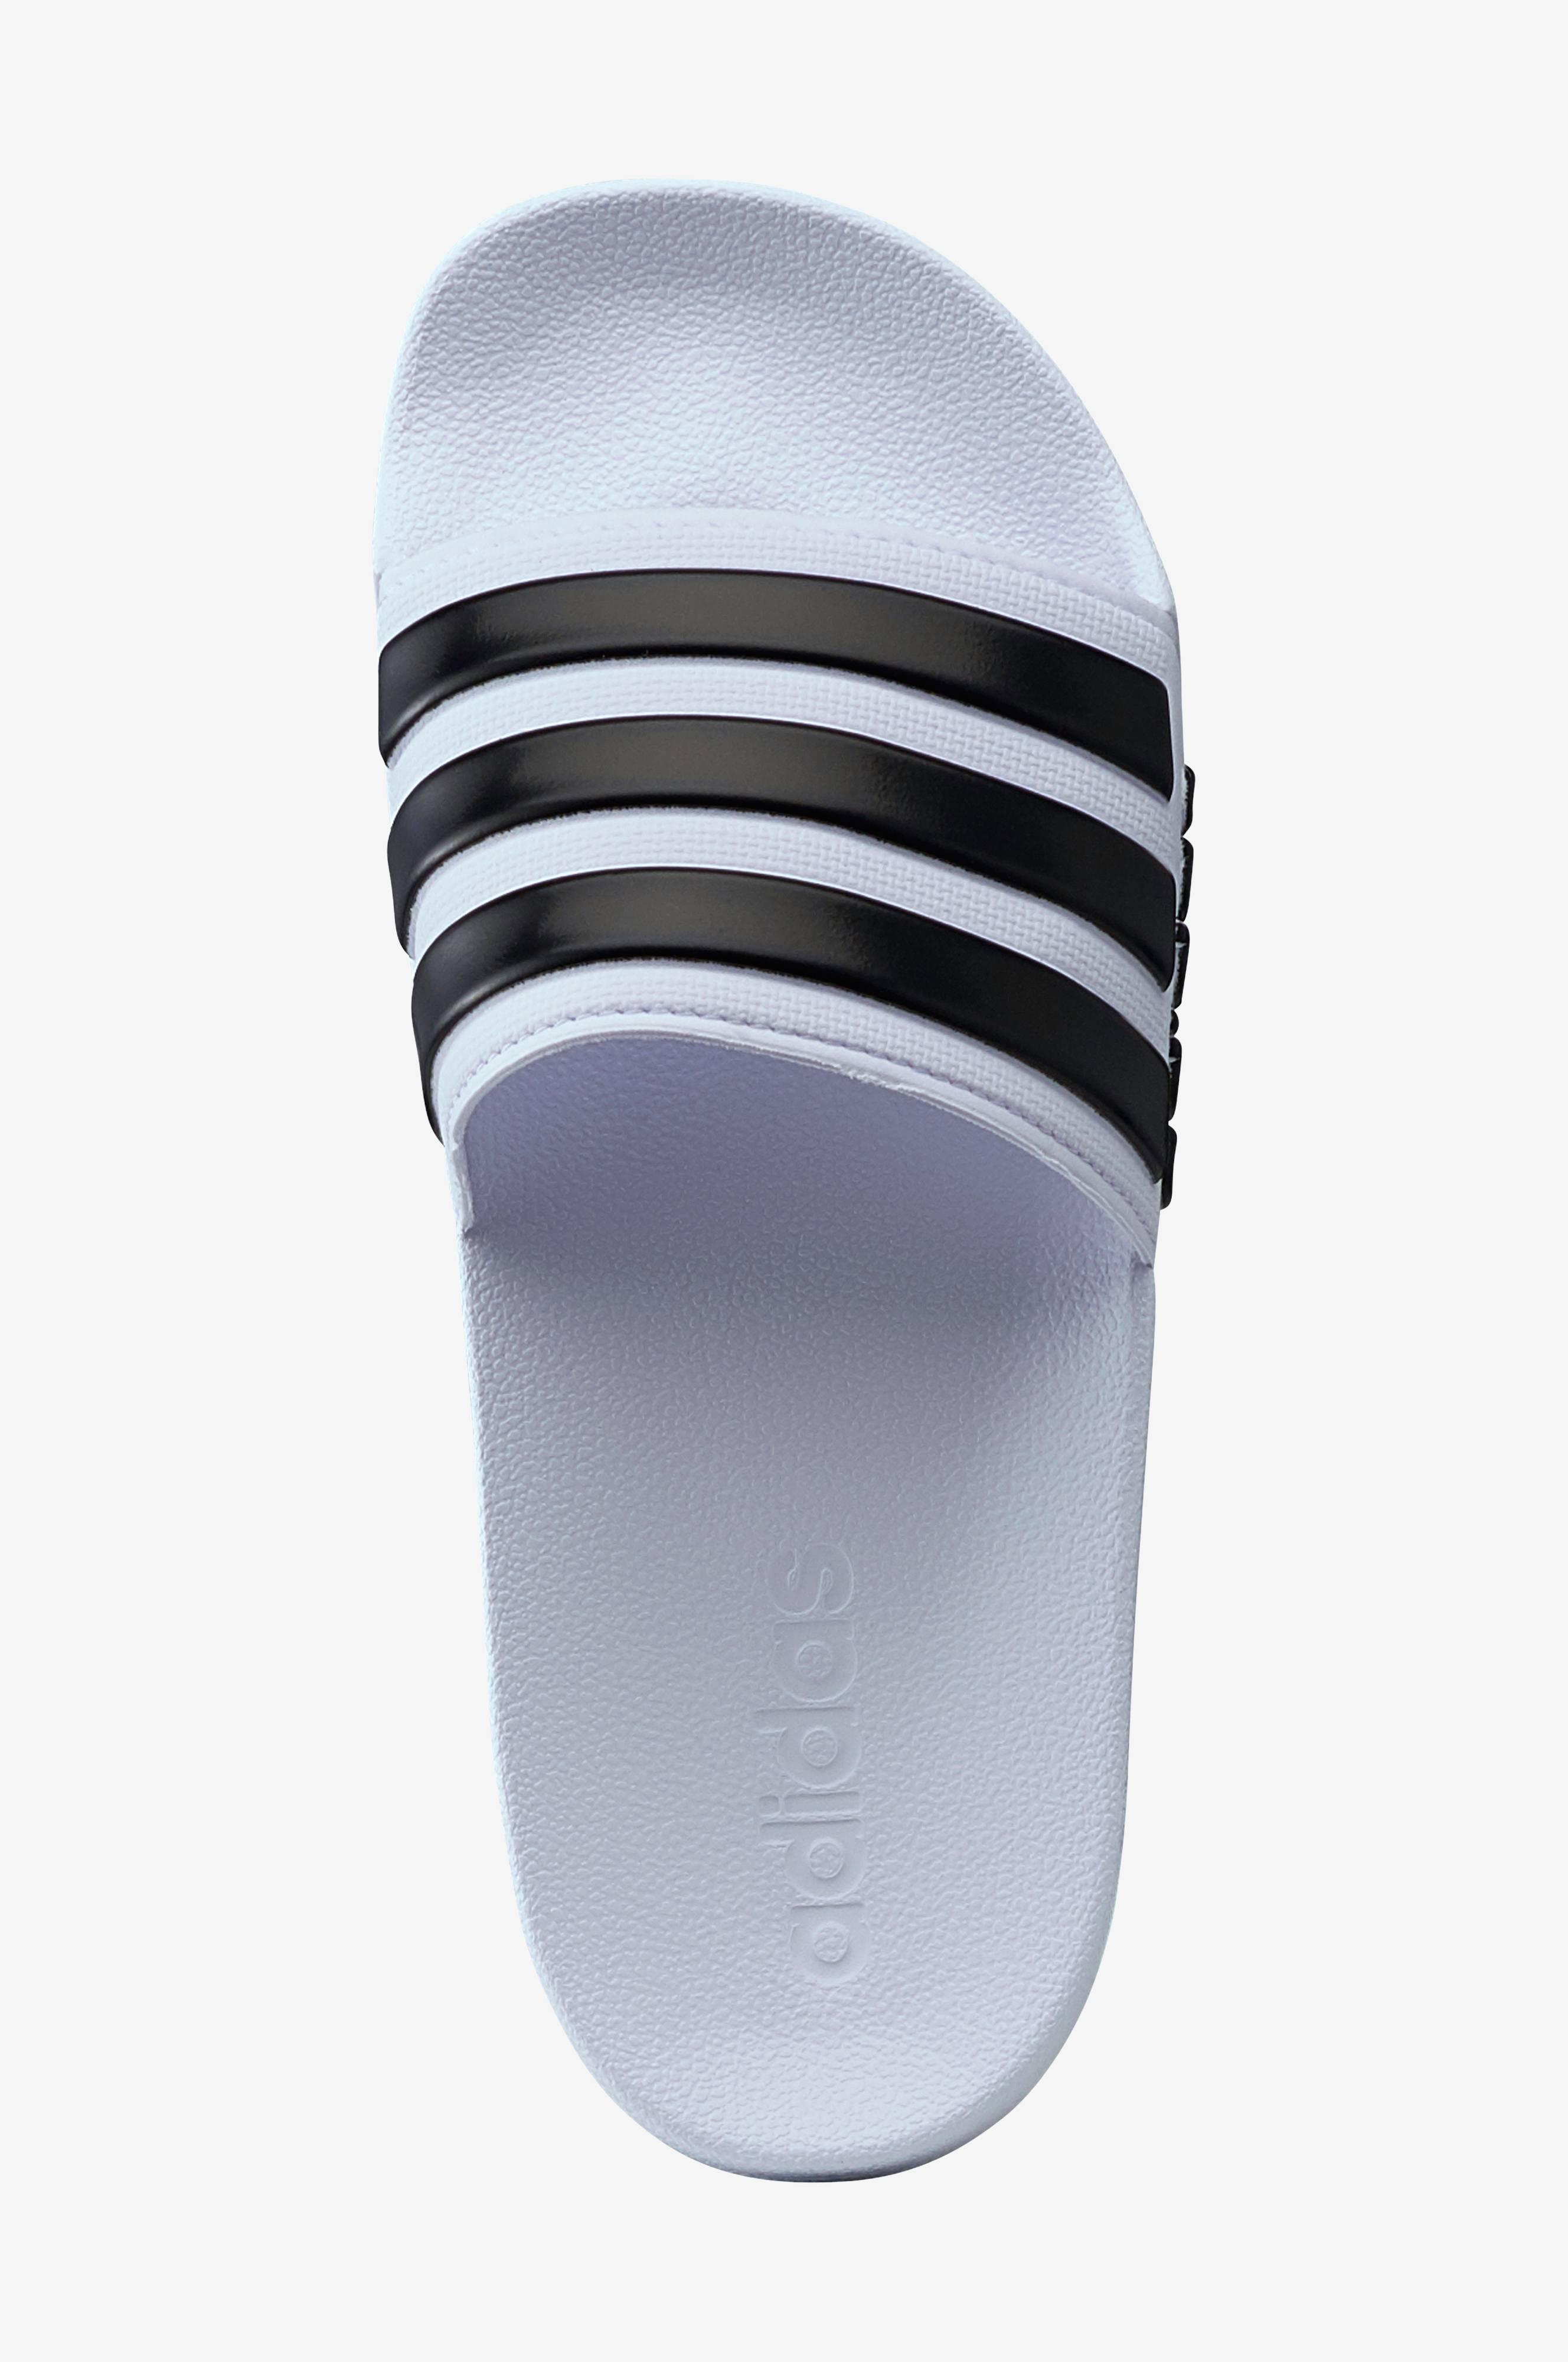 Badesandal Adilette Shower Slippers